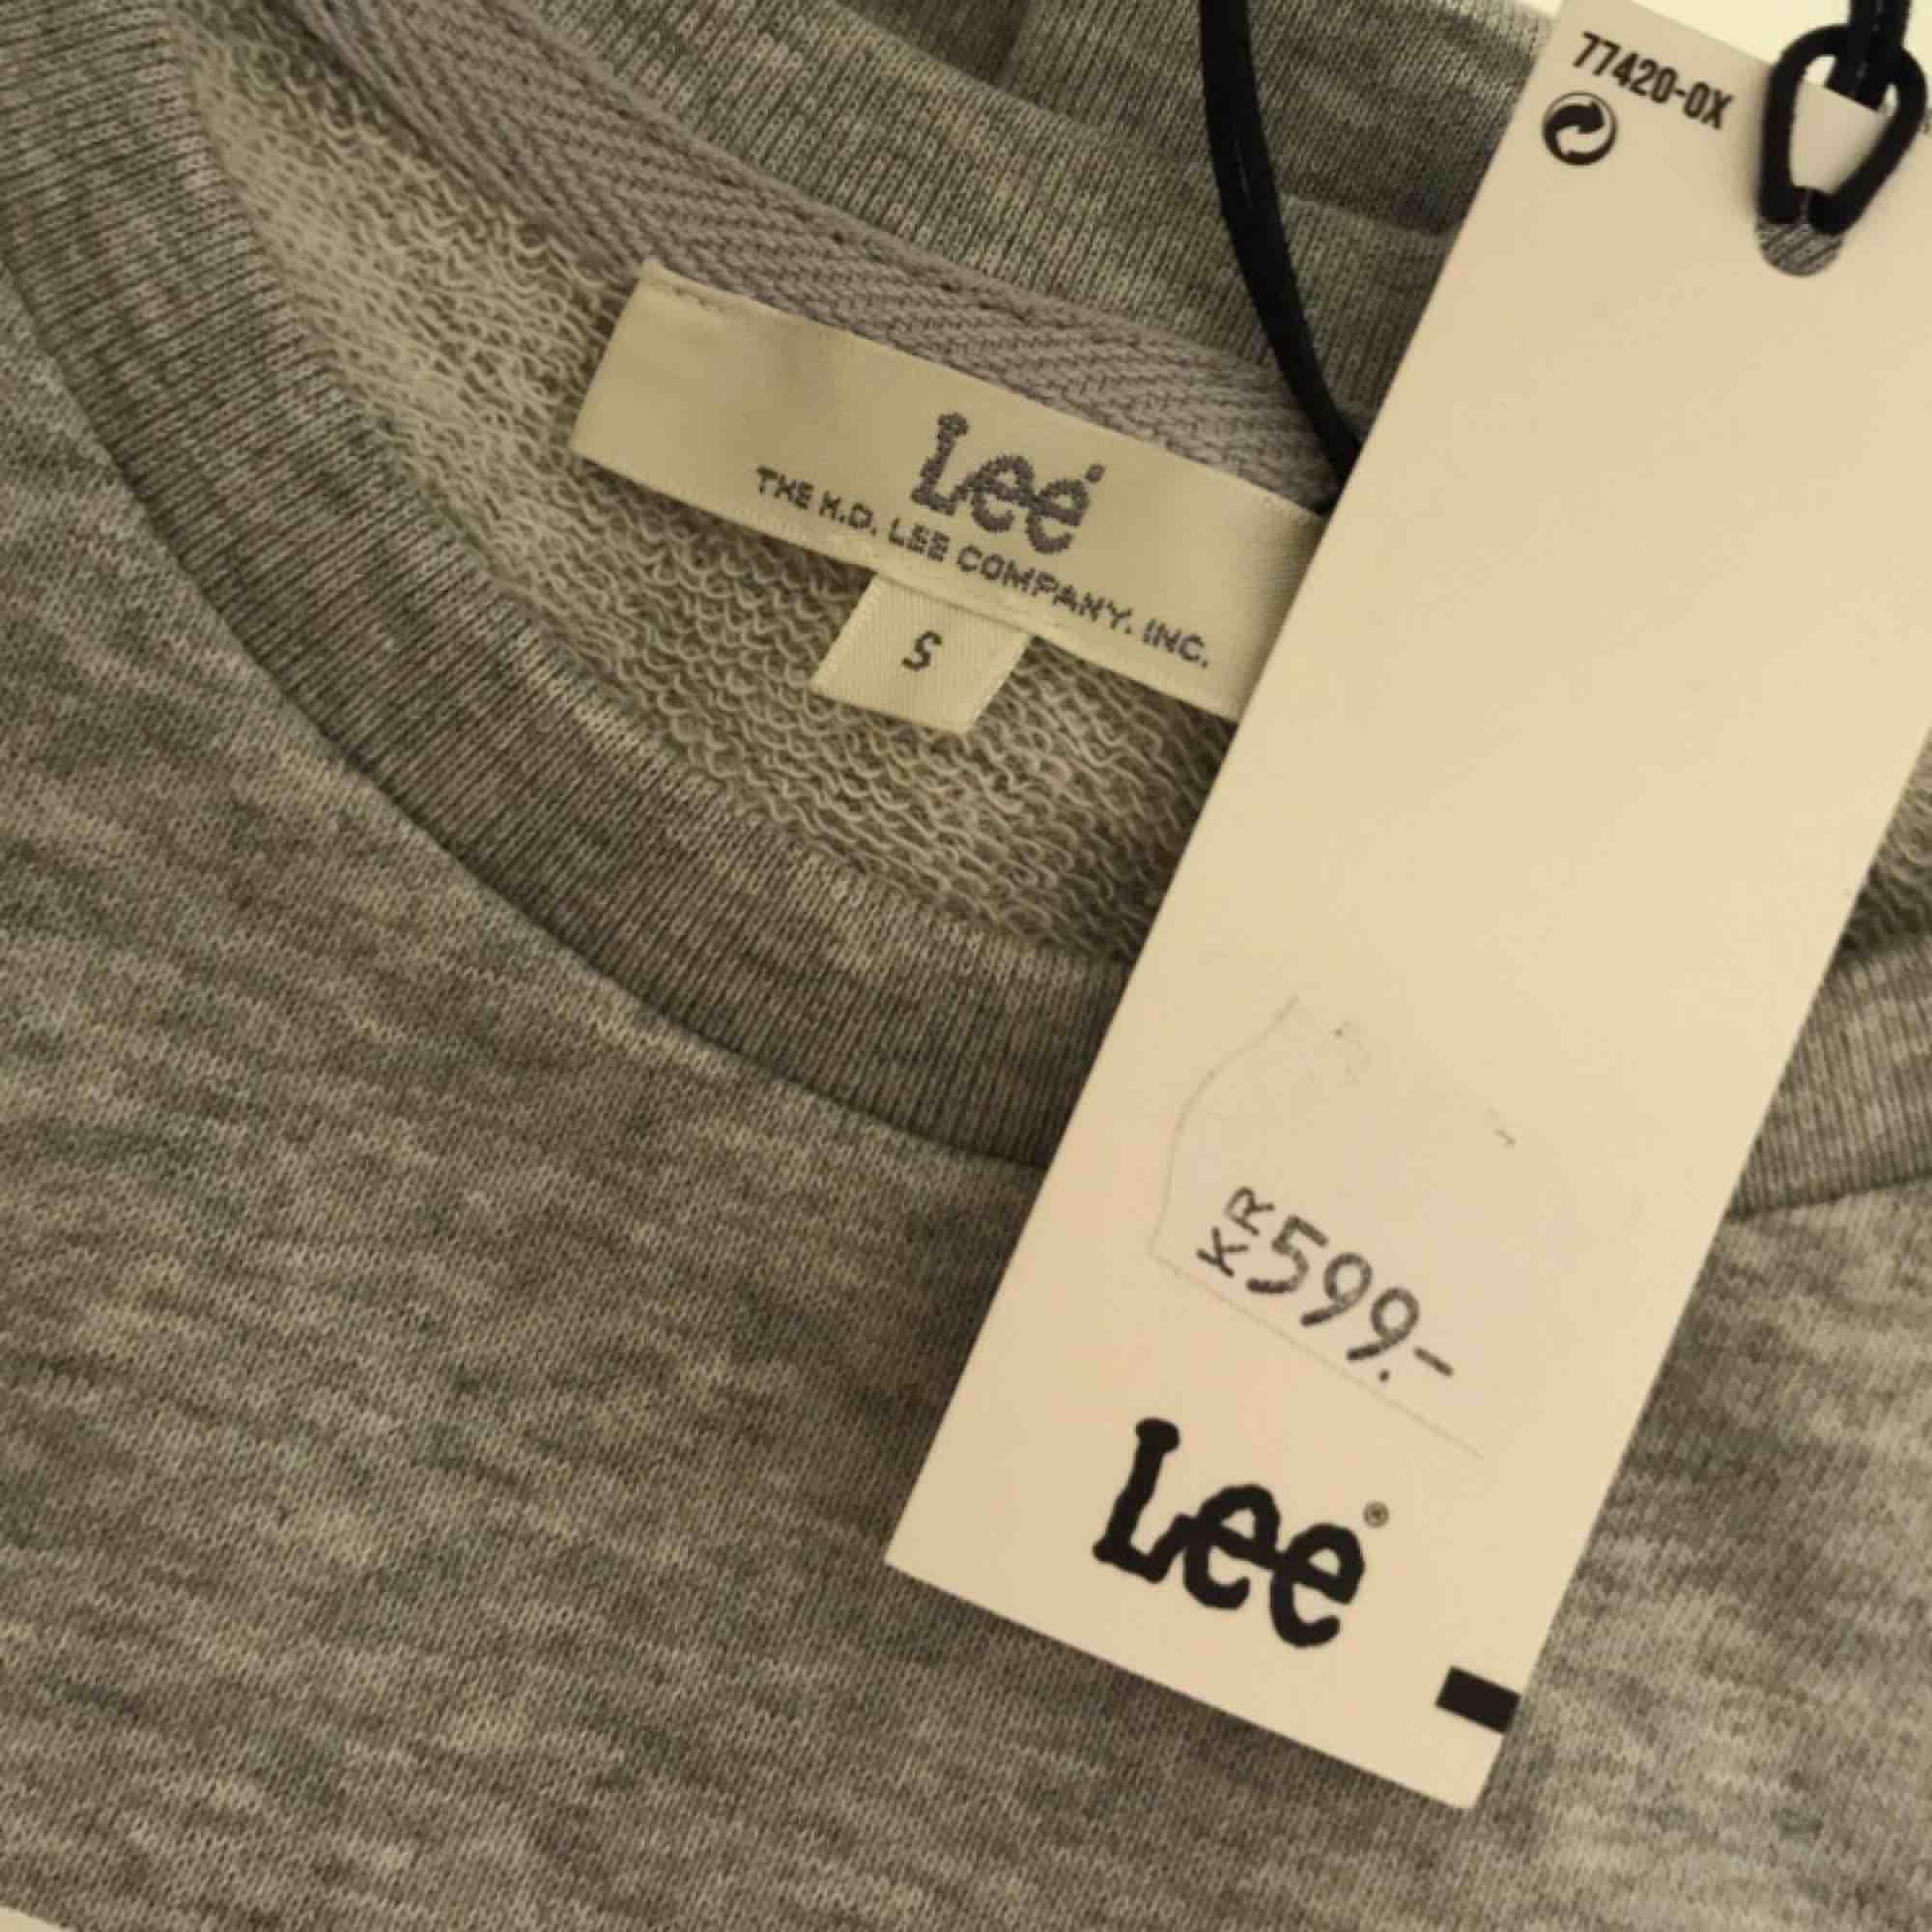 Lee sweatshirt  Helt ny! Endast testad 1 gång! Lapparna är kvar. Storlek S Lagom tjocklek. Originalpris 599kr mitt pris 400kr inkl frakt🥰. Tröjor & Koftor.